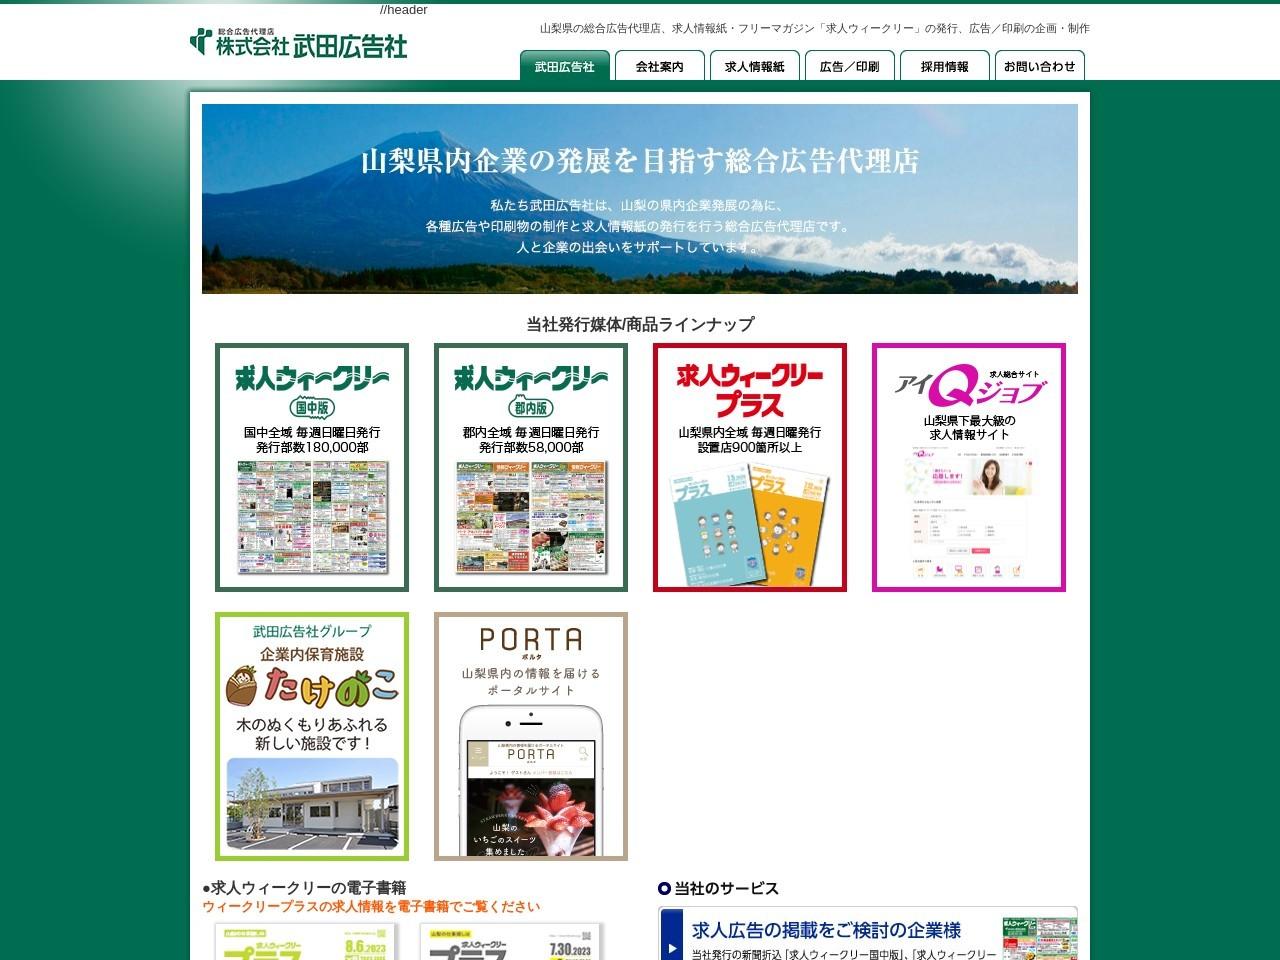 武田広告社 - 山梨県の総合広告代理店(求人情報、広告/印刷)